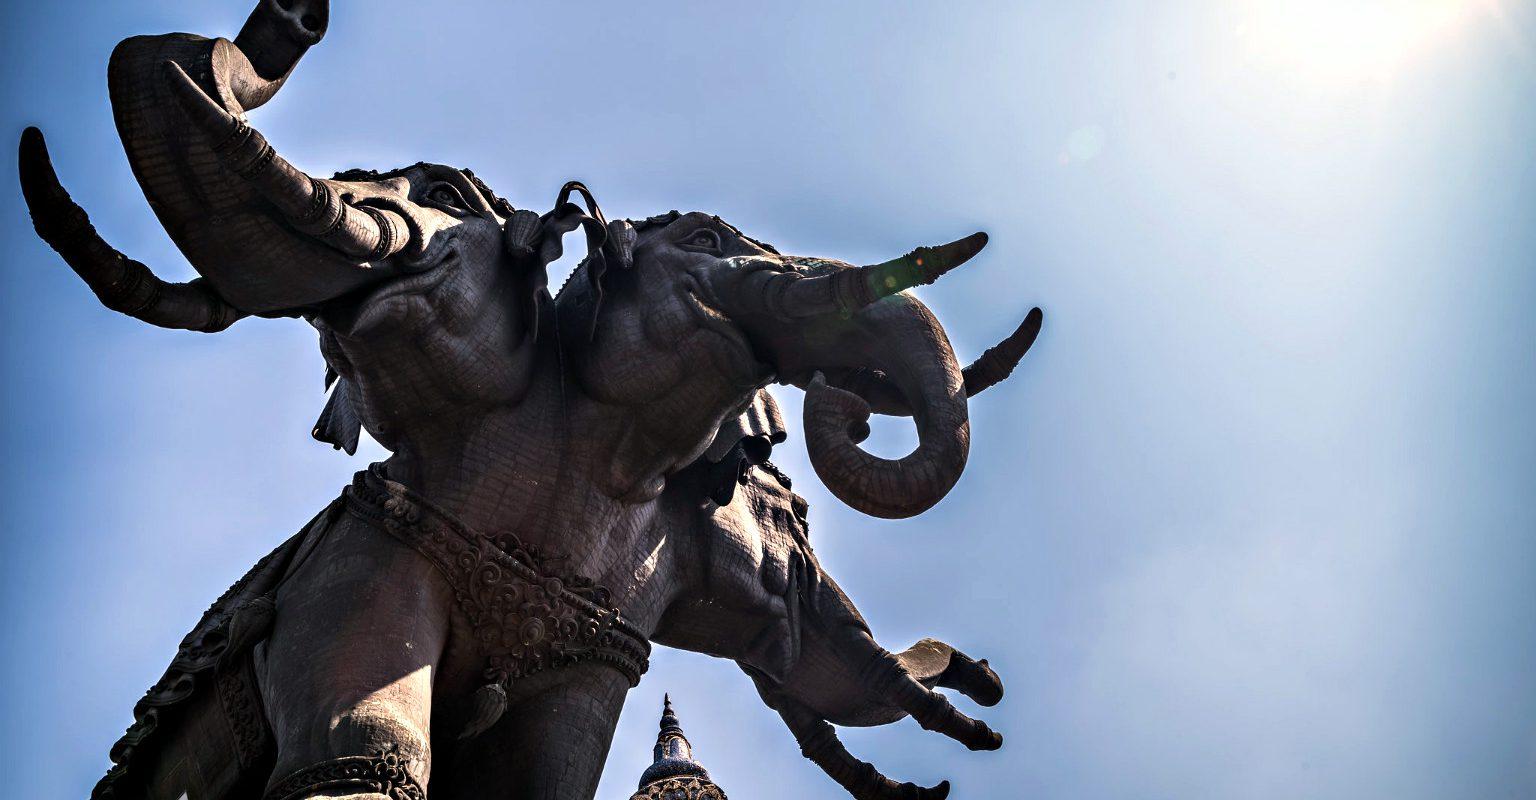 driekoppige olifant van het Erawan Museum in Bangkok afgebeeld tegen een blauwe lucht.